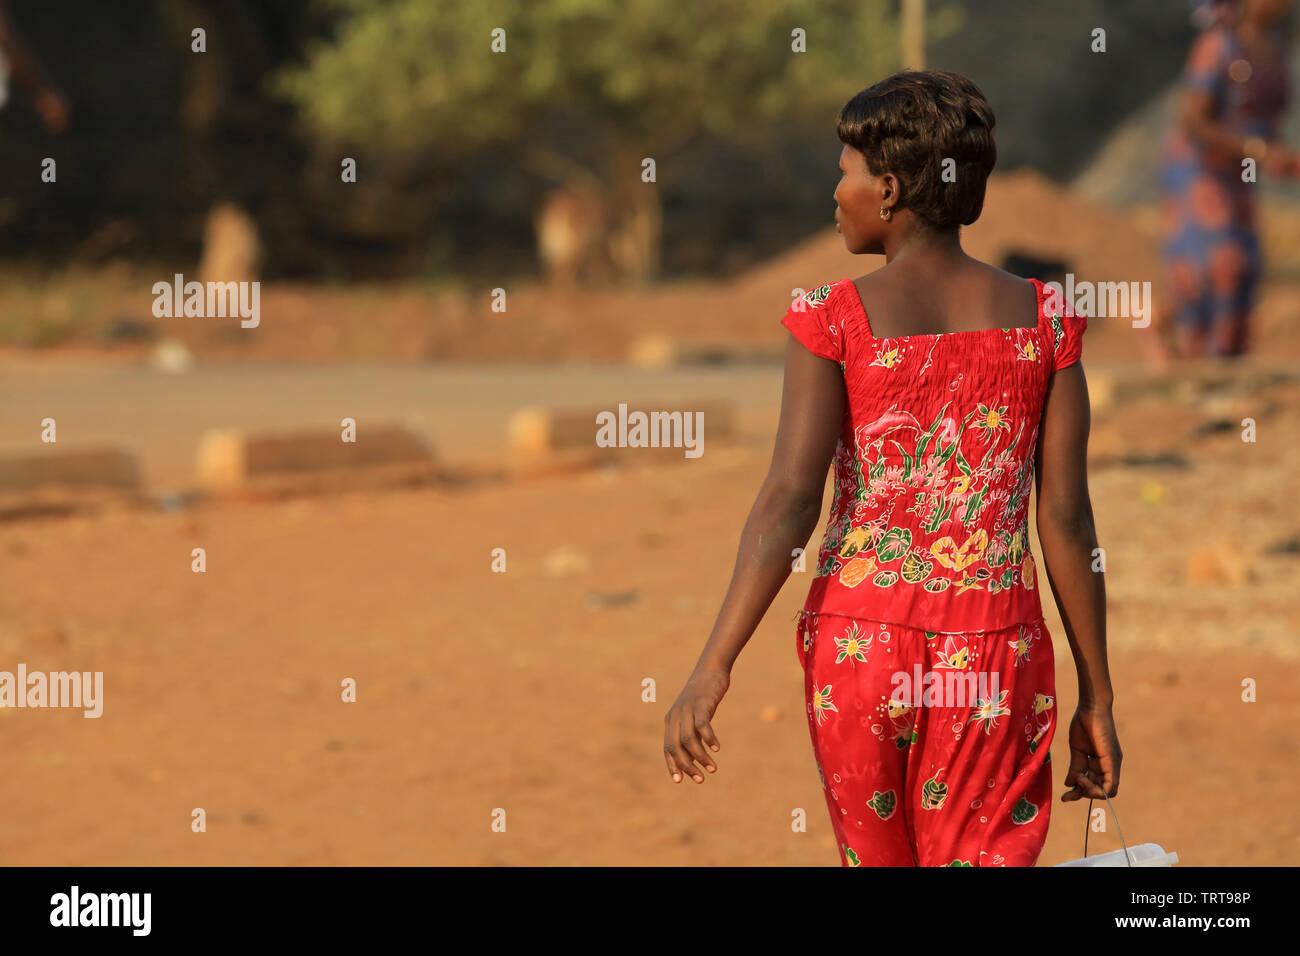 Jeune femme togolaise marchant dans la rue.Togo. Afrique de l'Ouest. - Stock Image